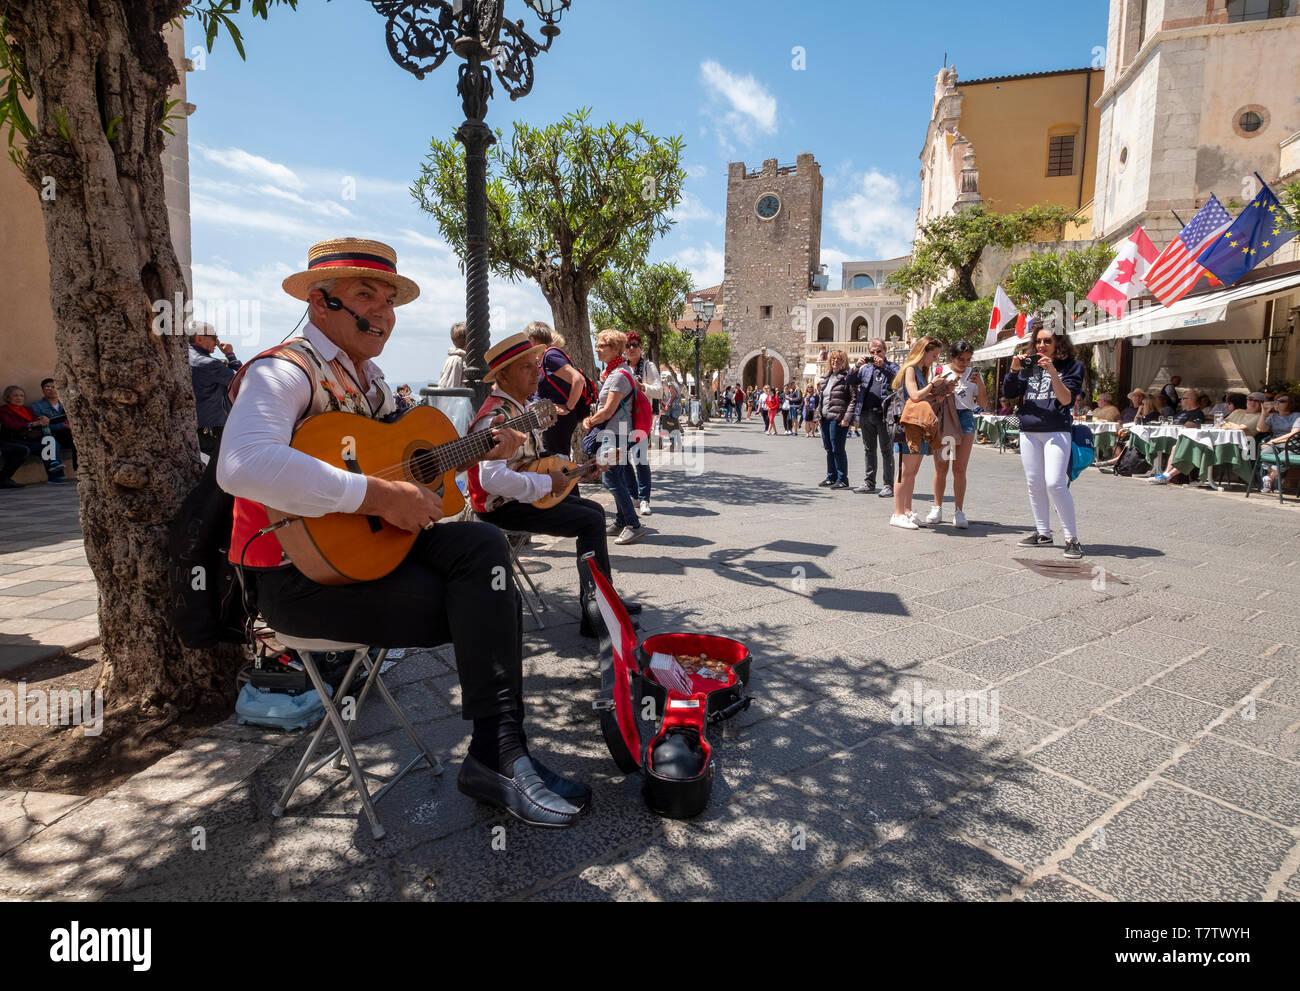 Músicos callejeros que actúan sobre el Corsa Umberto, Taormina, Sicilia. Imagen De Stock